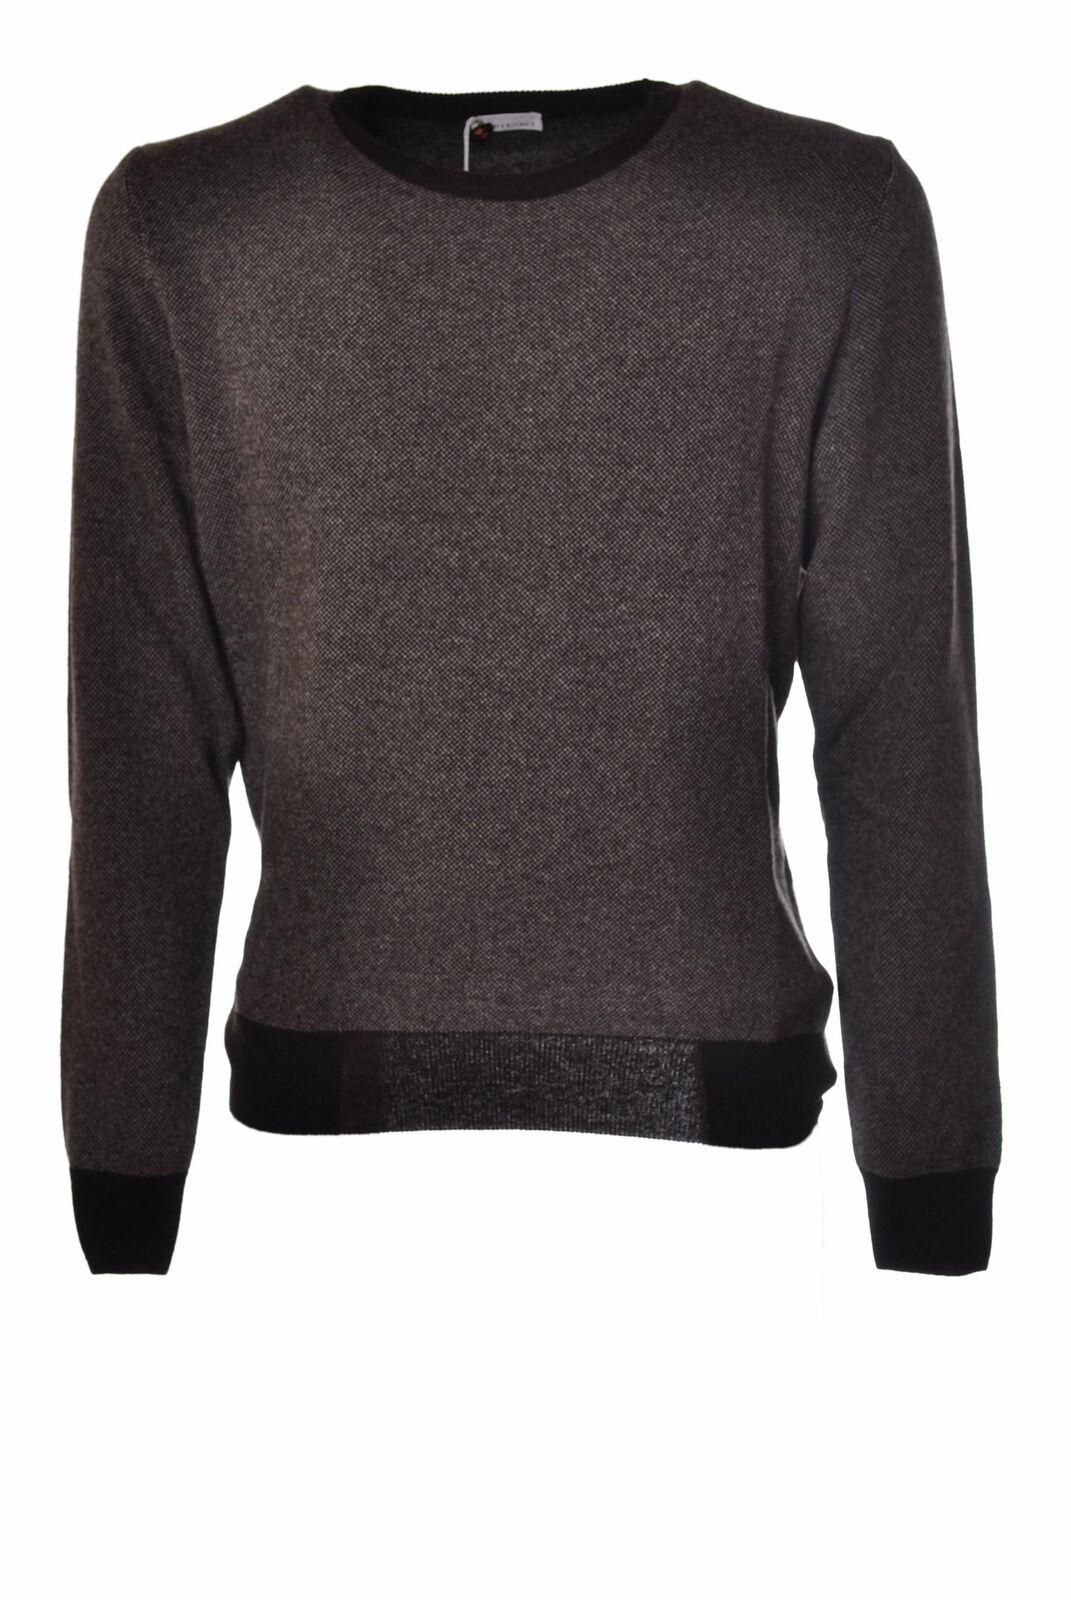 Heritage  -  Sweaters - Male - Brown - 2620628N173504